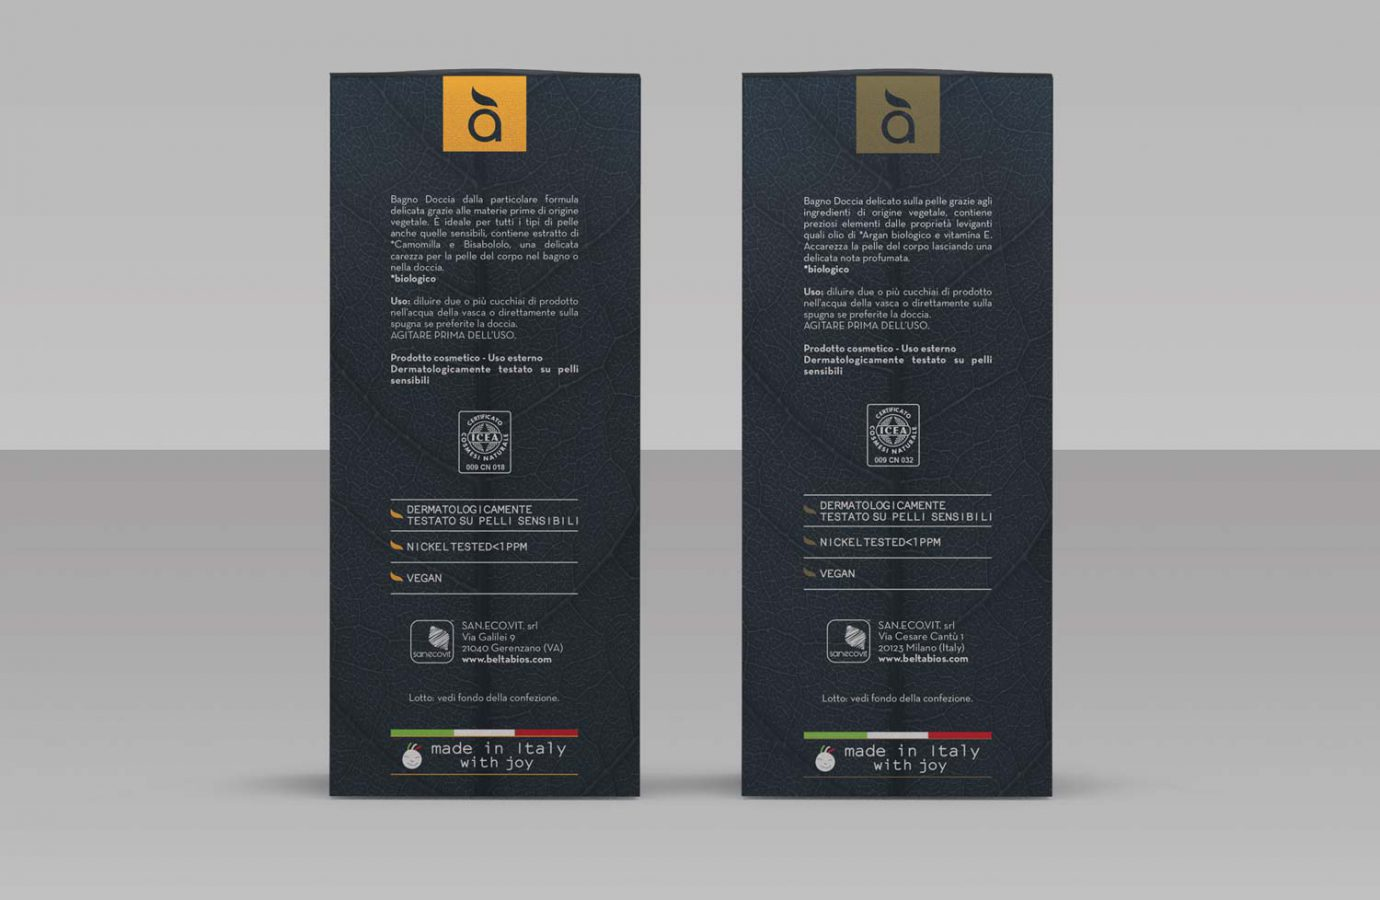 Retro del packaging design di prodotti cosmetici naturali realizzato da WillBe